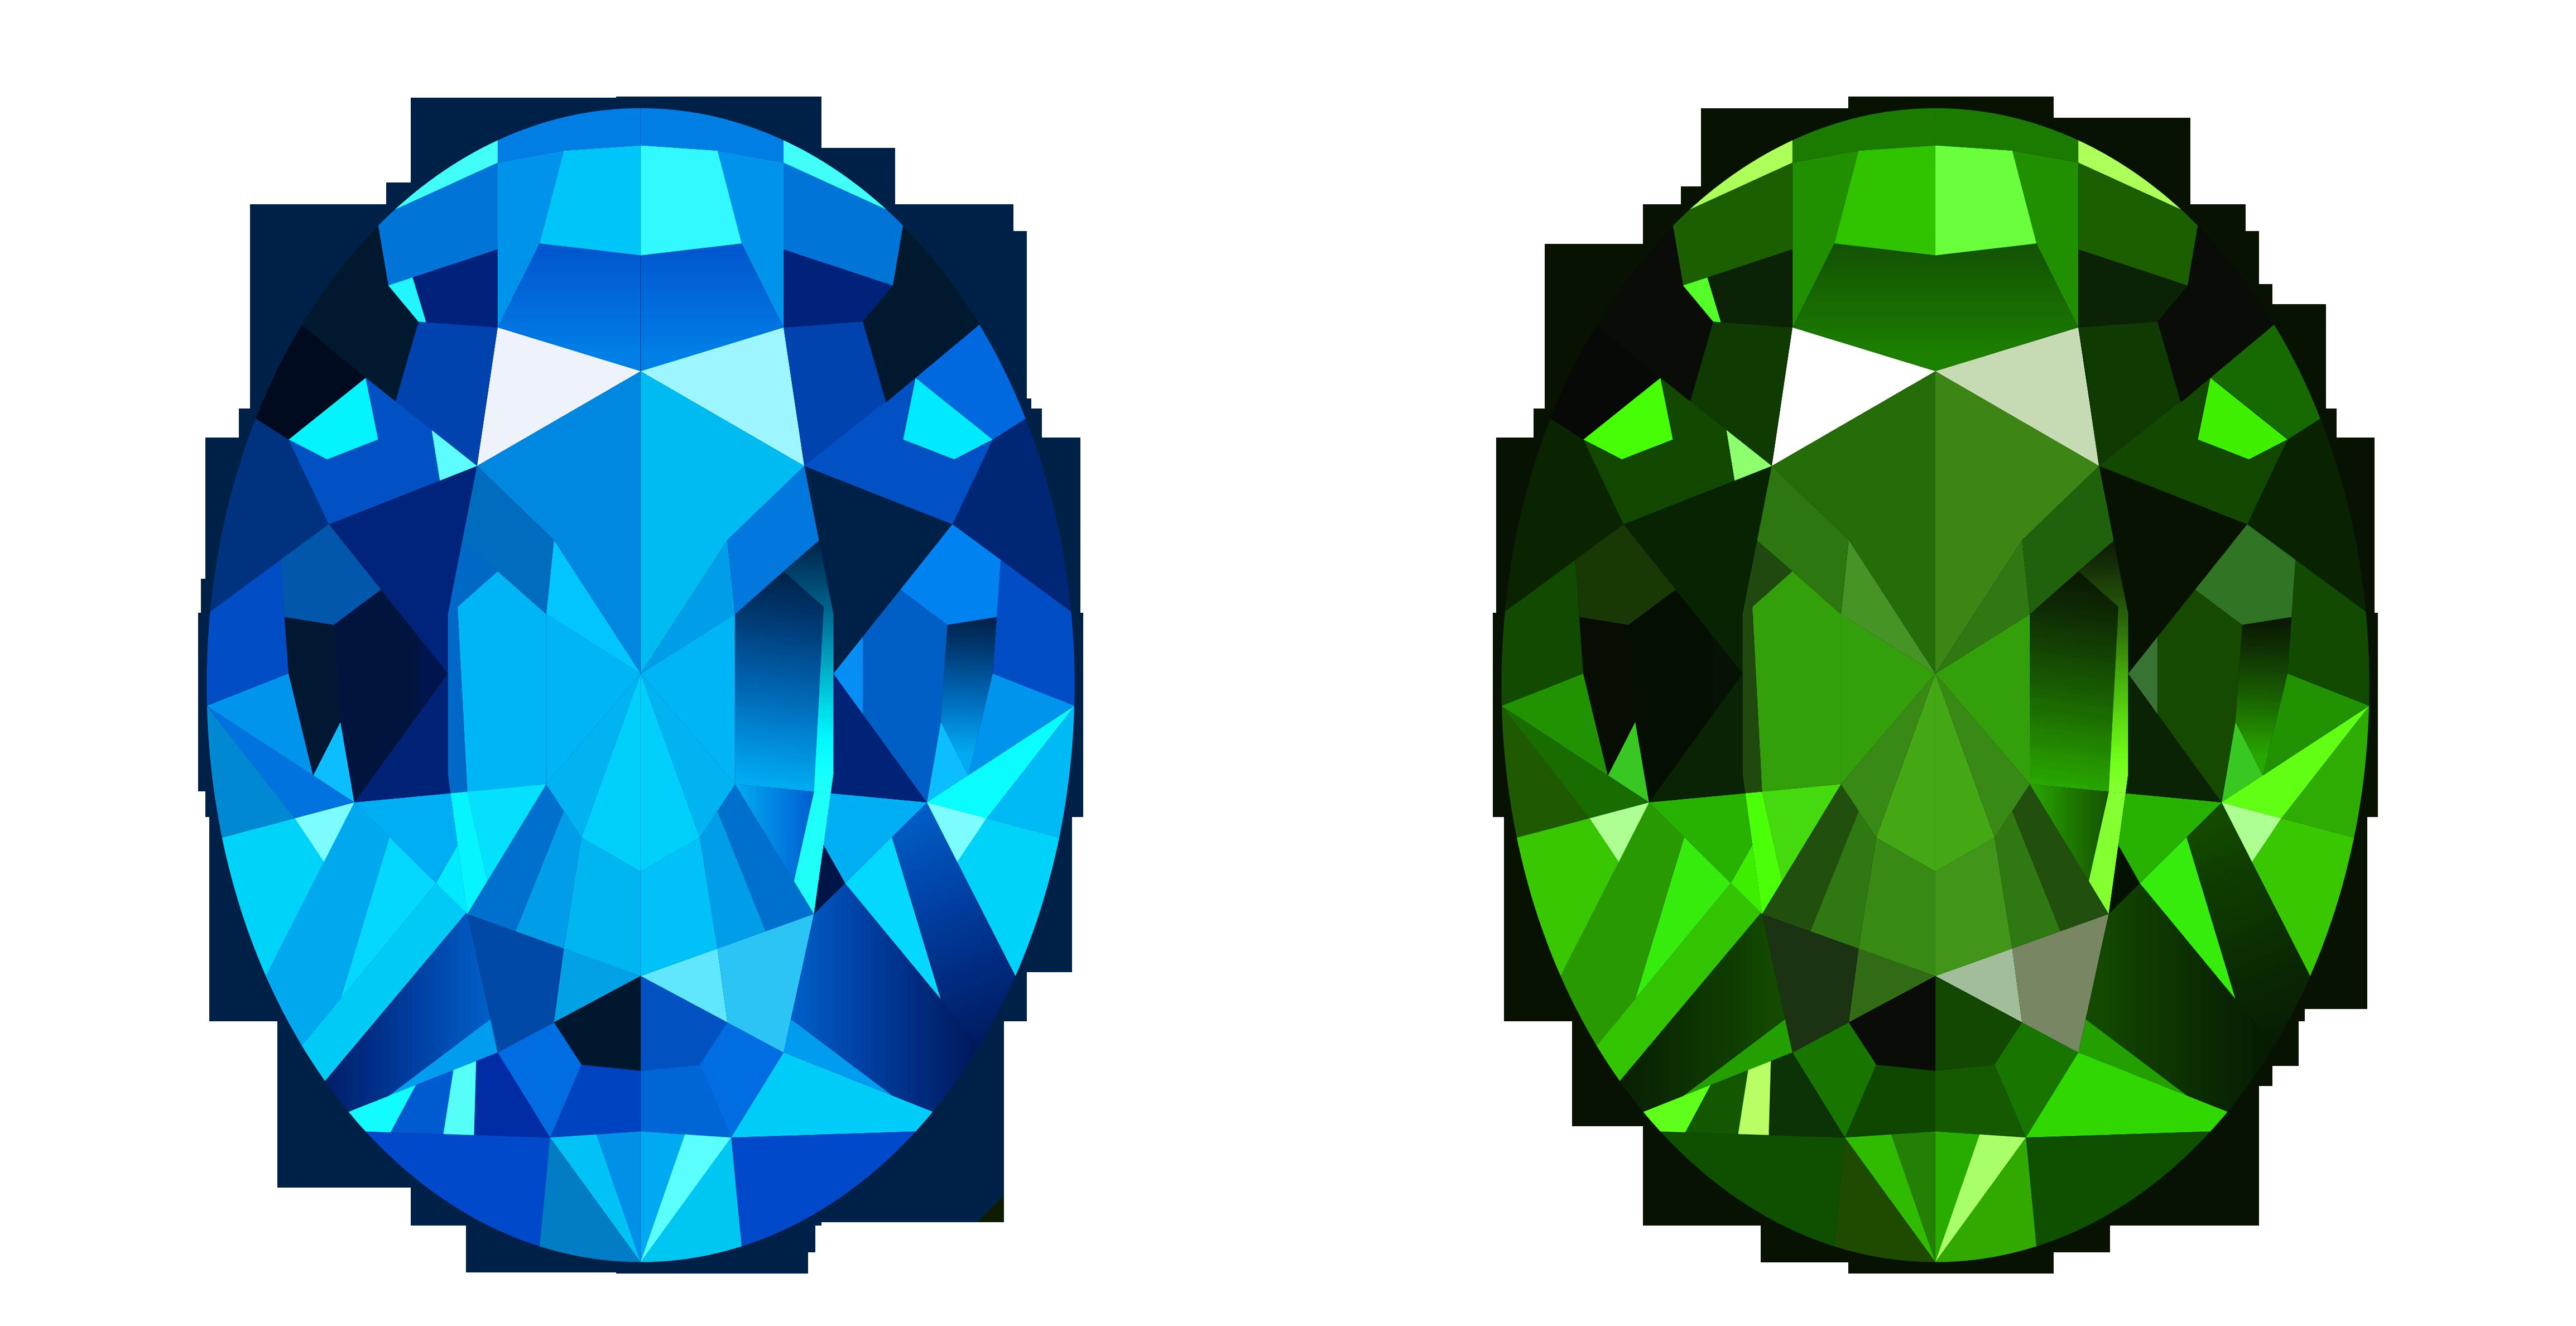 Blue Cartoon Diamonds - ClipArt Best